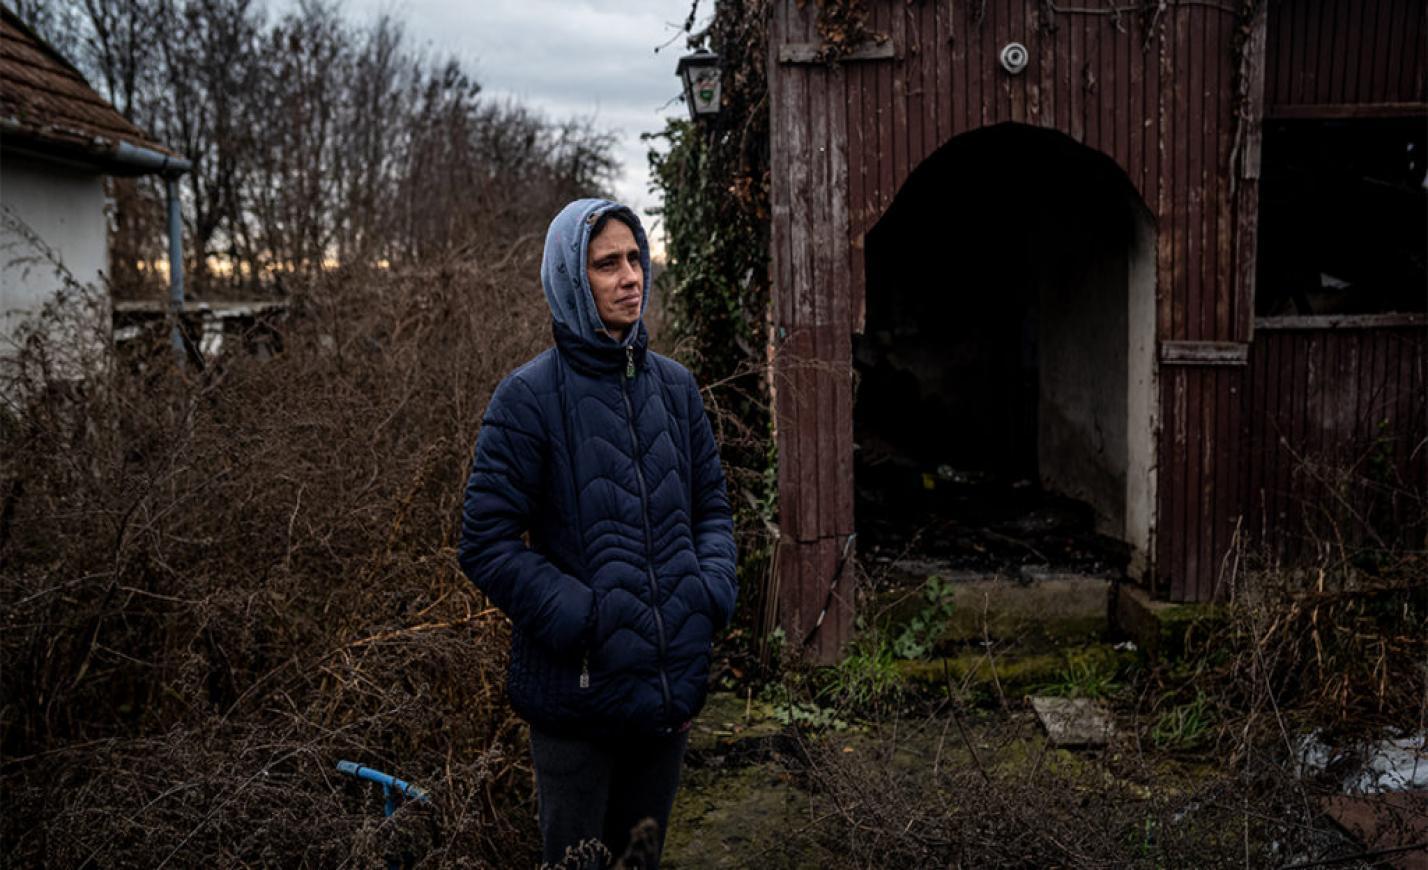 Leégett a házuk, mindenük odalett, de villanyszámlát azóta is kapnak, most járnak 700 ezer forintnál